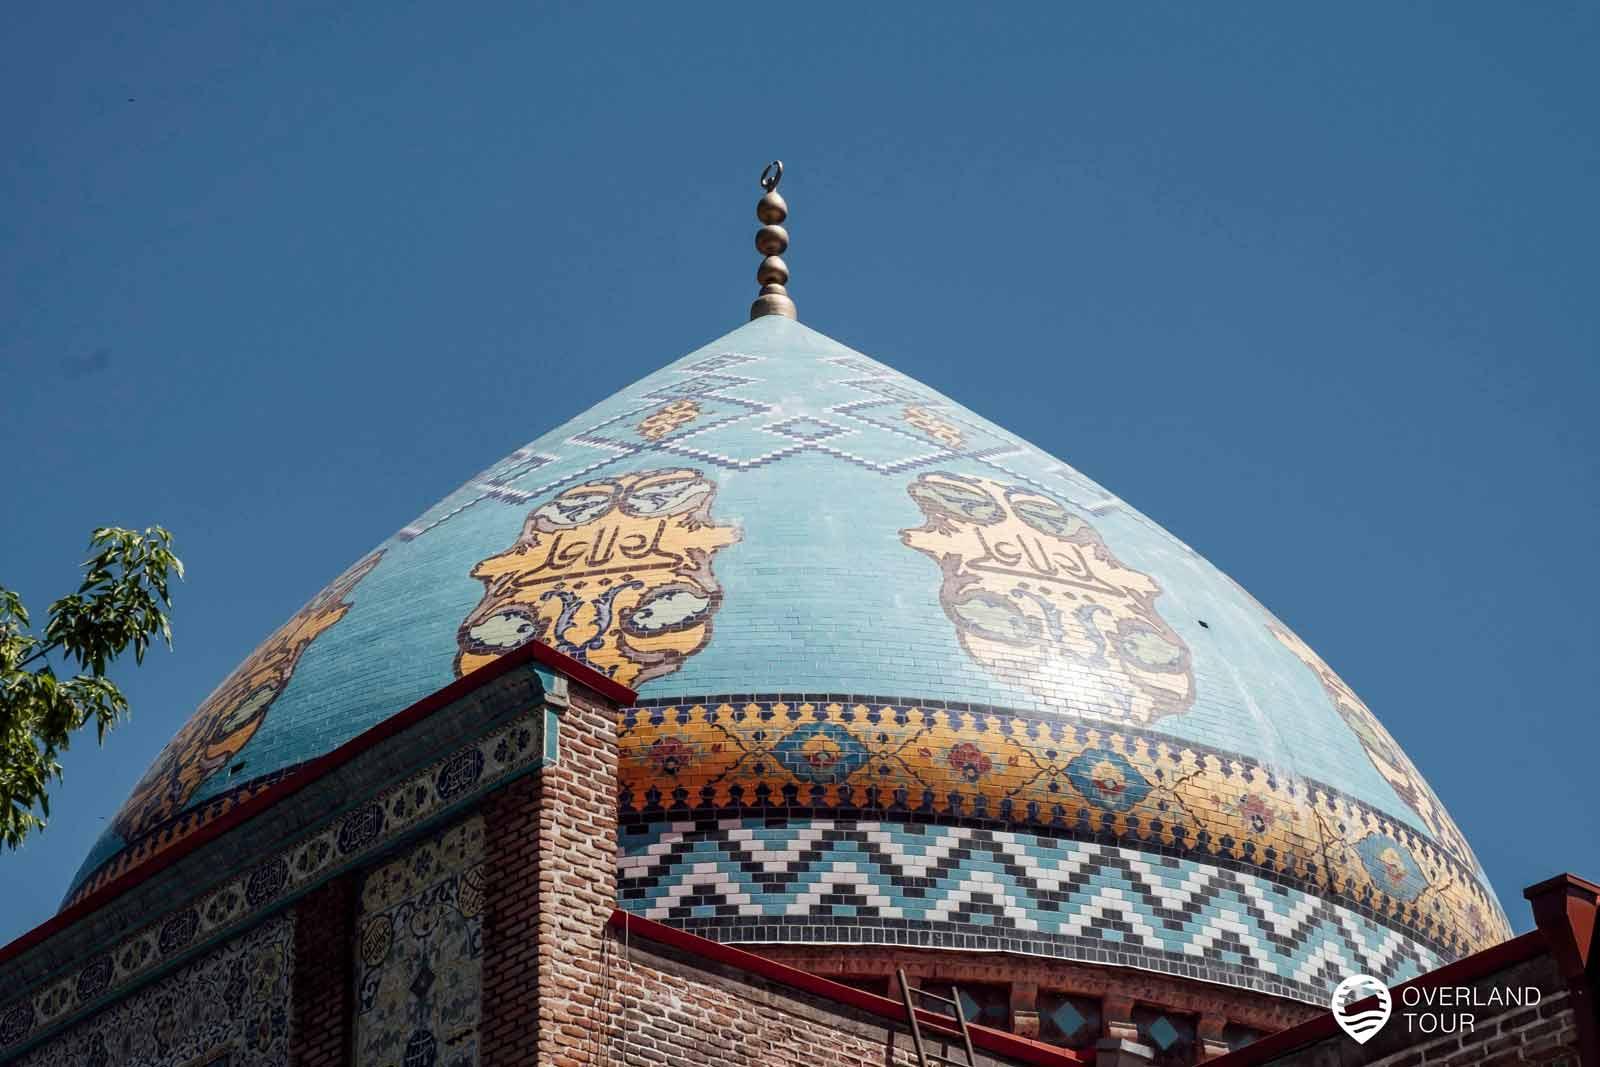 Sehenswürdigkeit Jerewan | Top 9 - Die Blaue Moschee ist zurzeit die einige Moschee, die in ganz Armenien genutzt wird